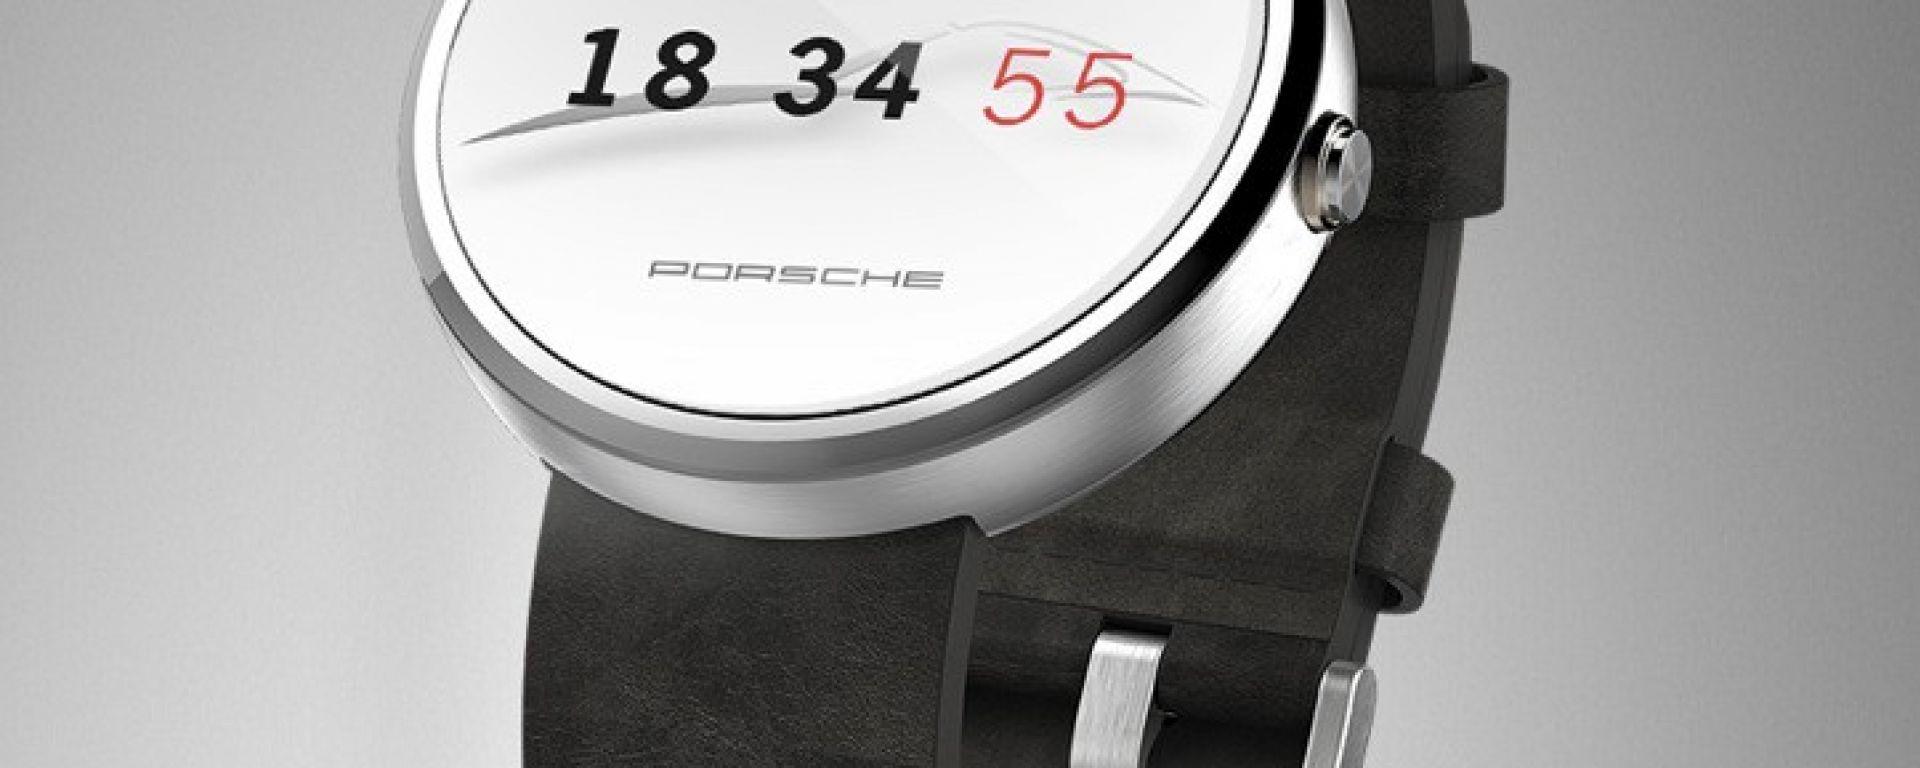 Look Porsche per gli smartwatch Android